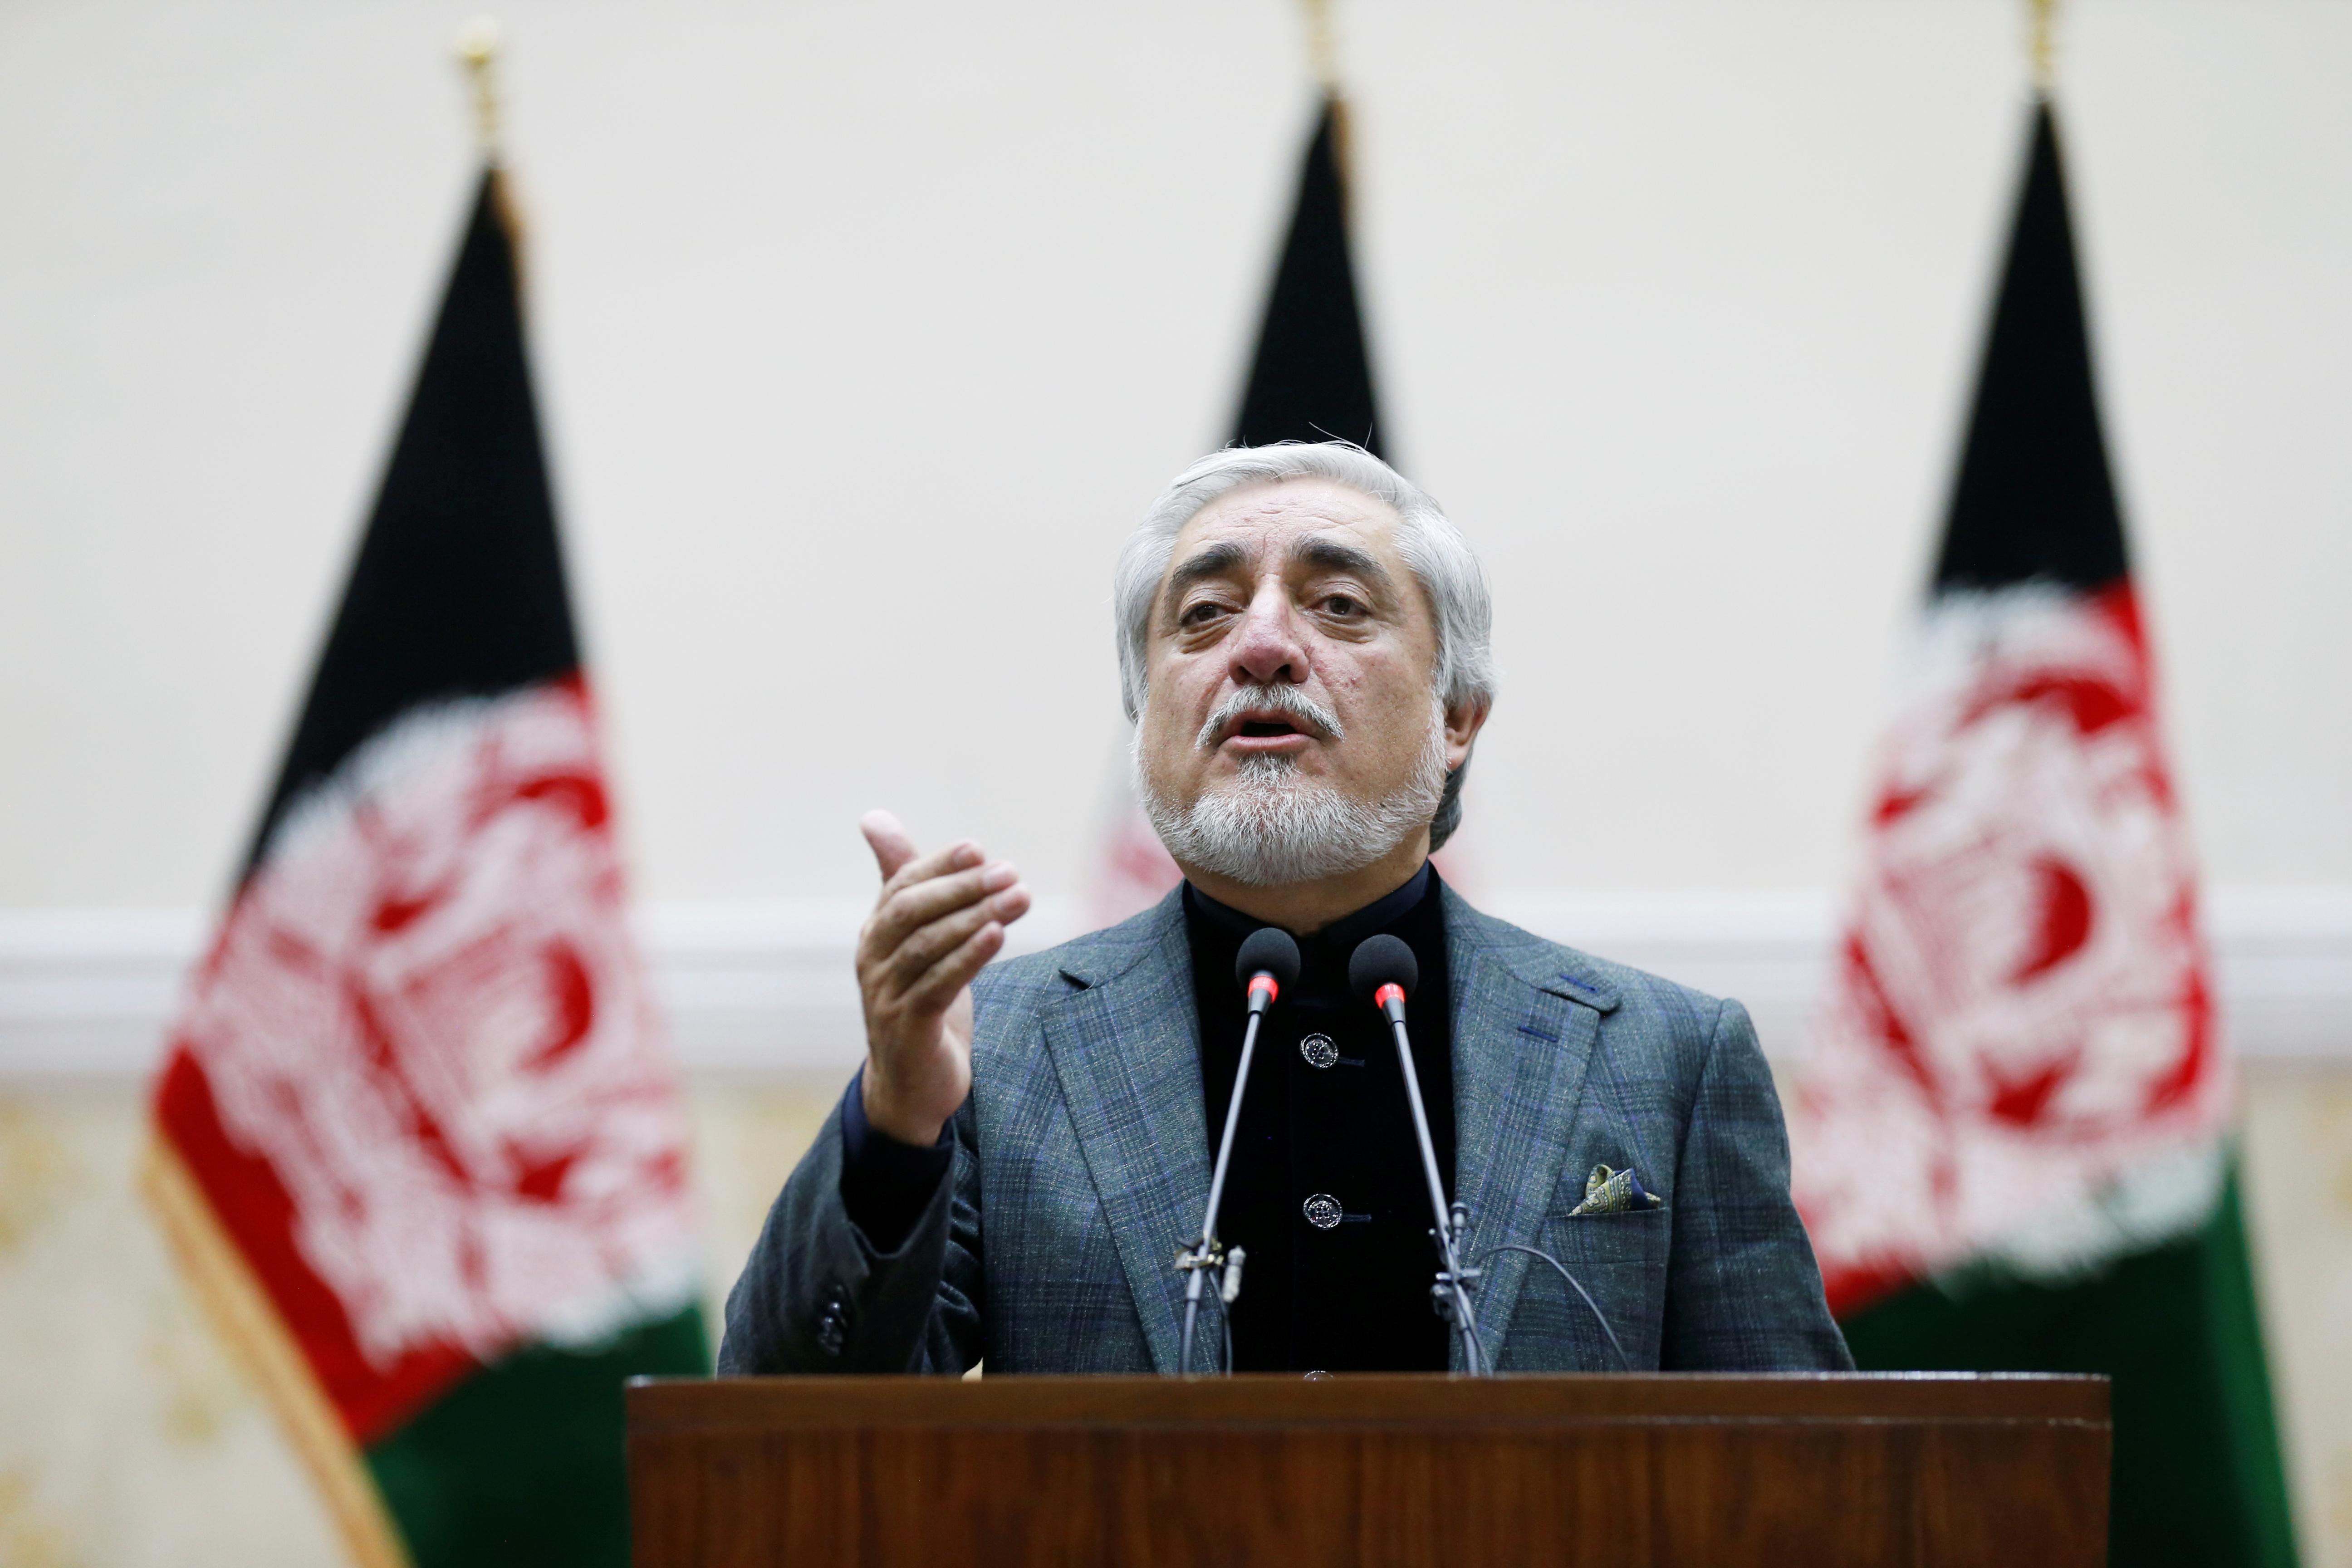 L'Afghanistan Ghani revendique une victoire étroite dans les résultats préliminaires du vote présidentiel